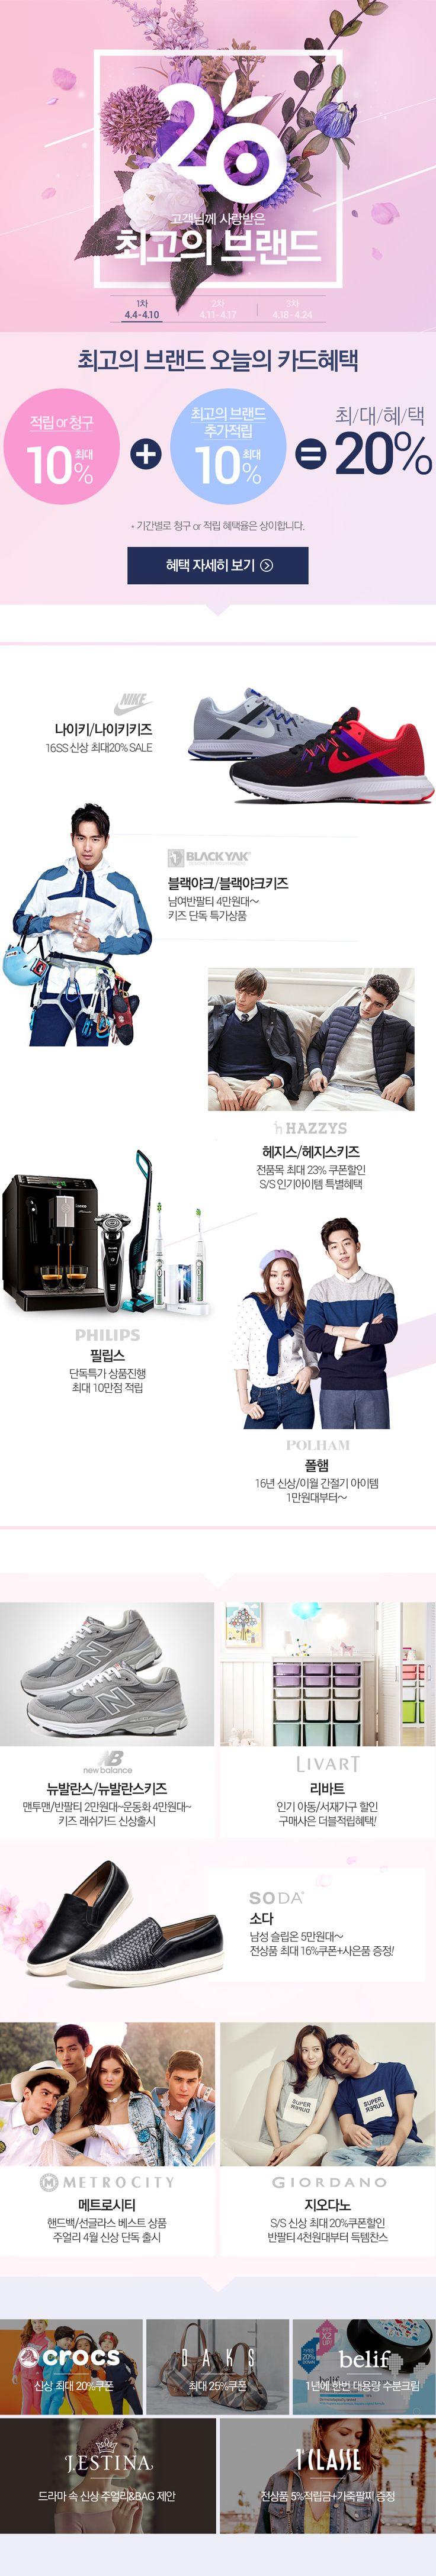 [창립 브랜드전] (1차)4/4~10 - 백화점을 인터넷으로 | 롯데닷컴